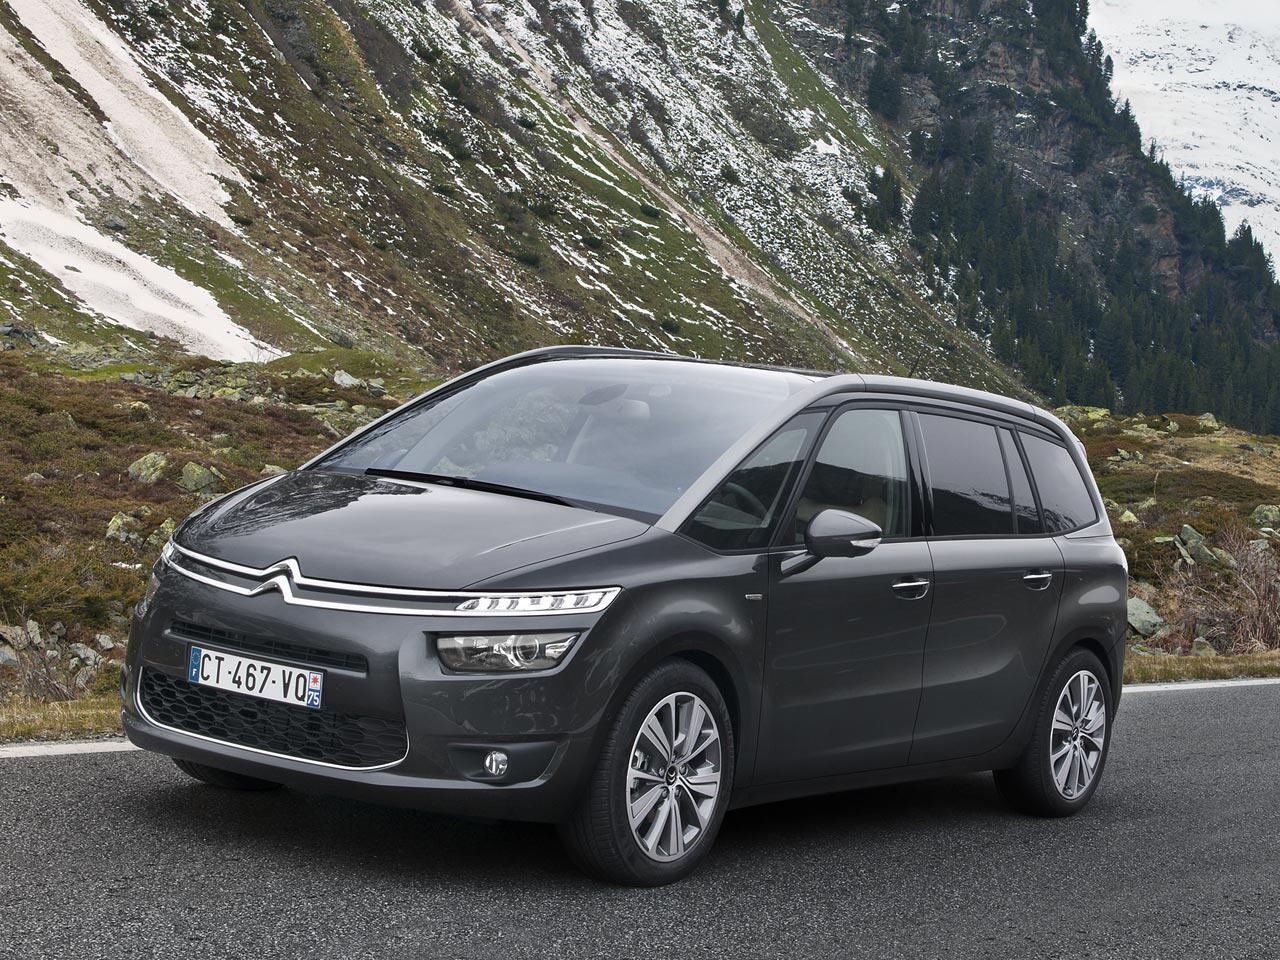 Bild zu 10. Platz: Citroën Grand C4 Picasso